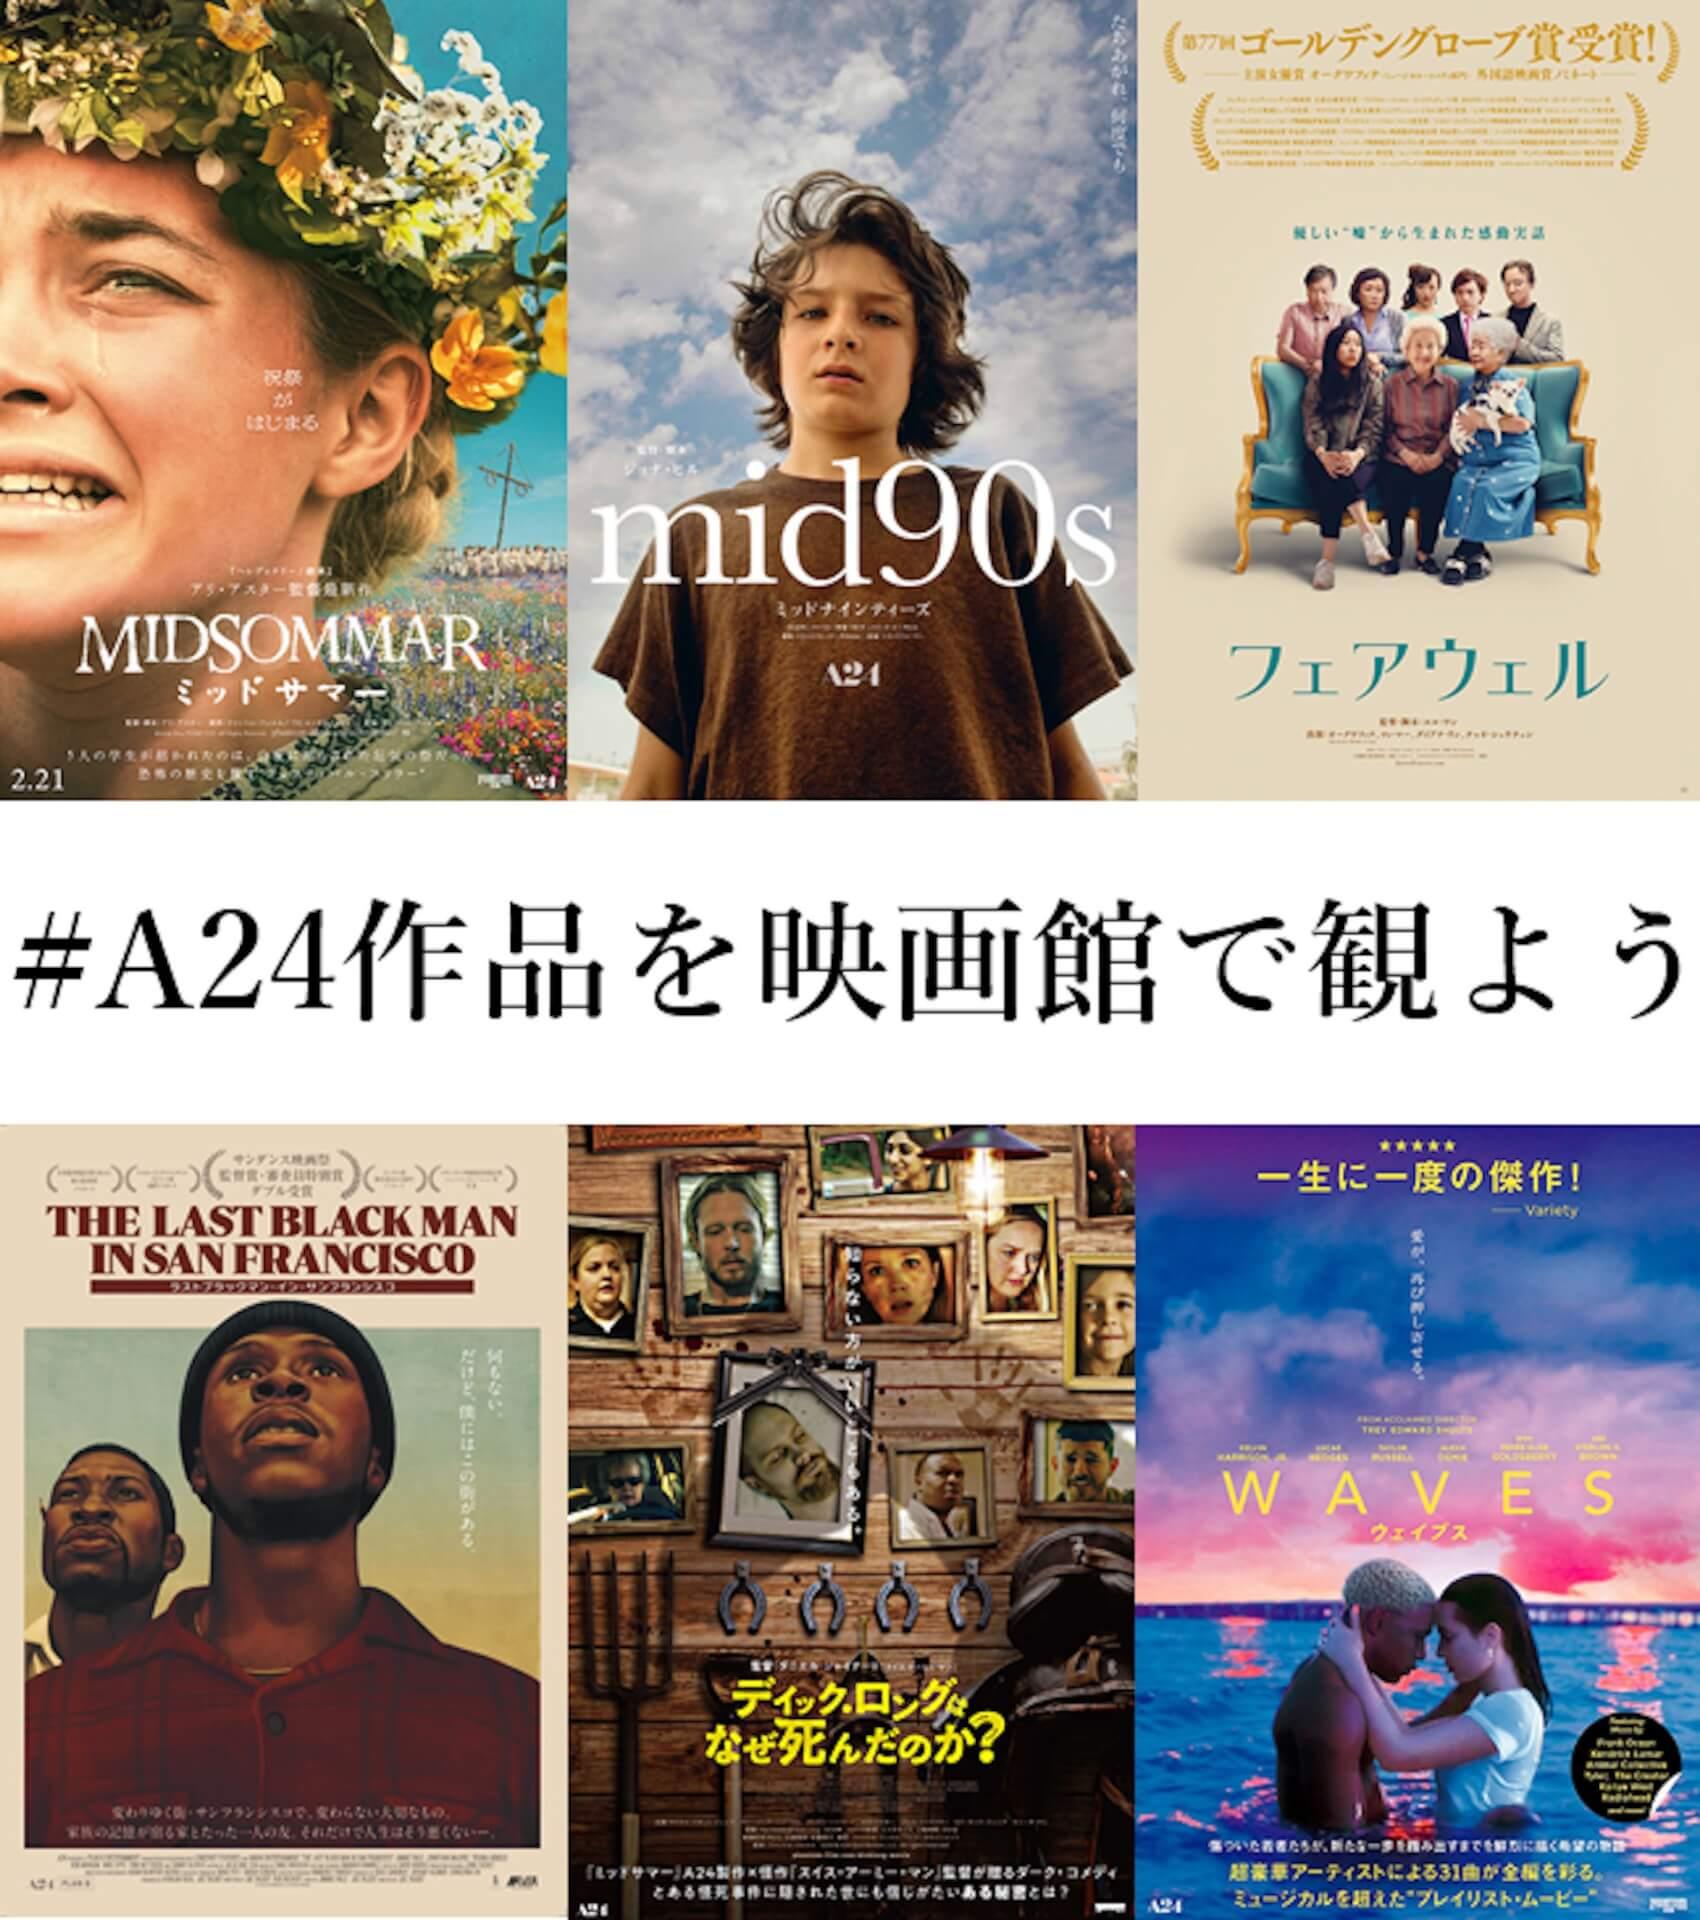 『ミッドサマー』『WAVES』などA24作品の劇場鑑賞券セットやオリジナルグッズが当たるTwitterキャンペーンが実施決定! film200623_a24_campaign_01